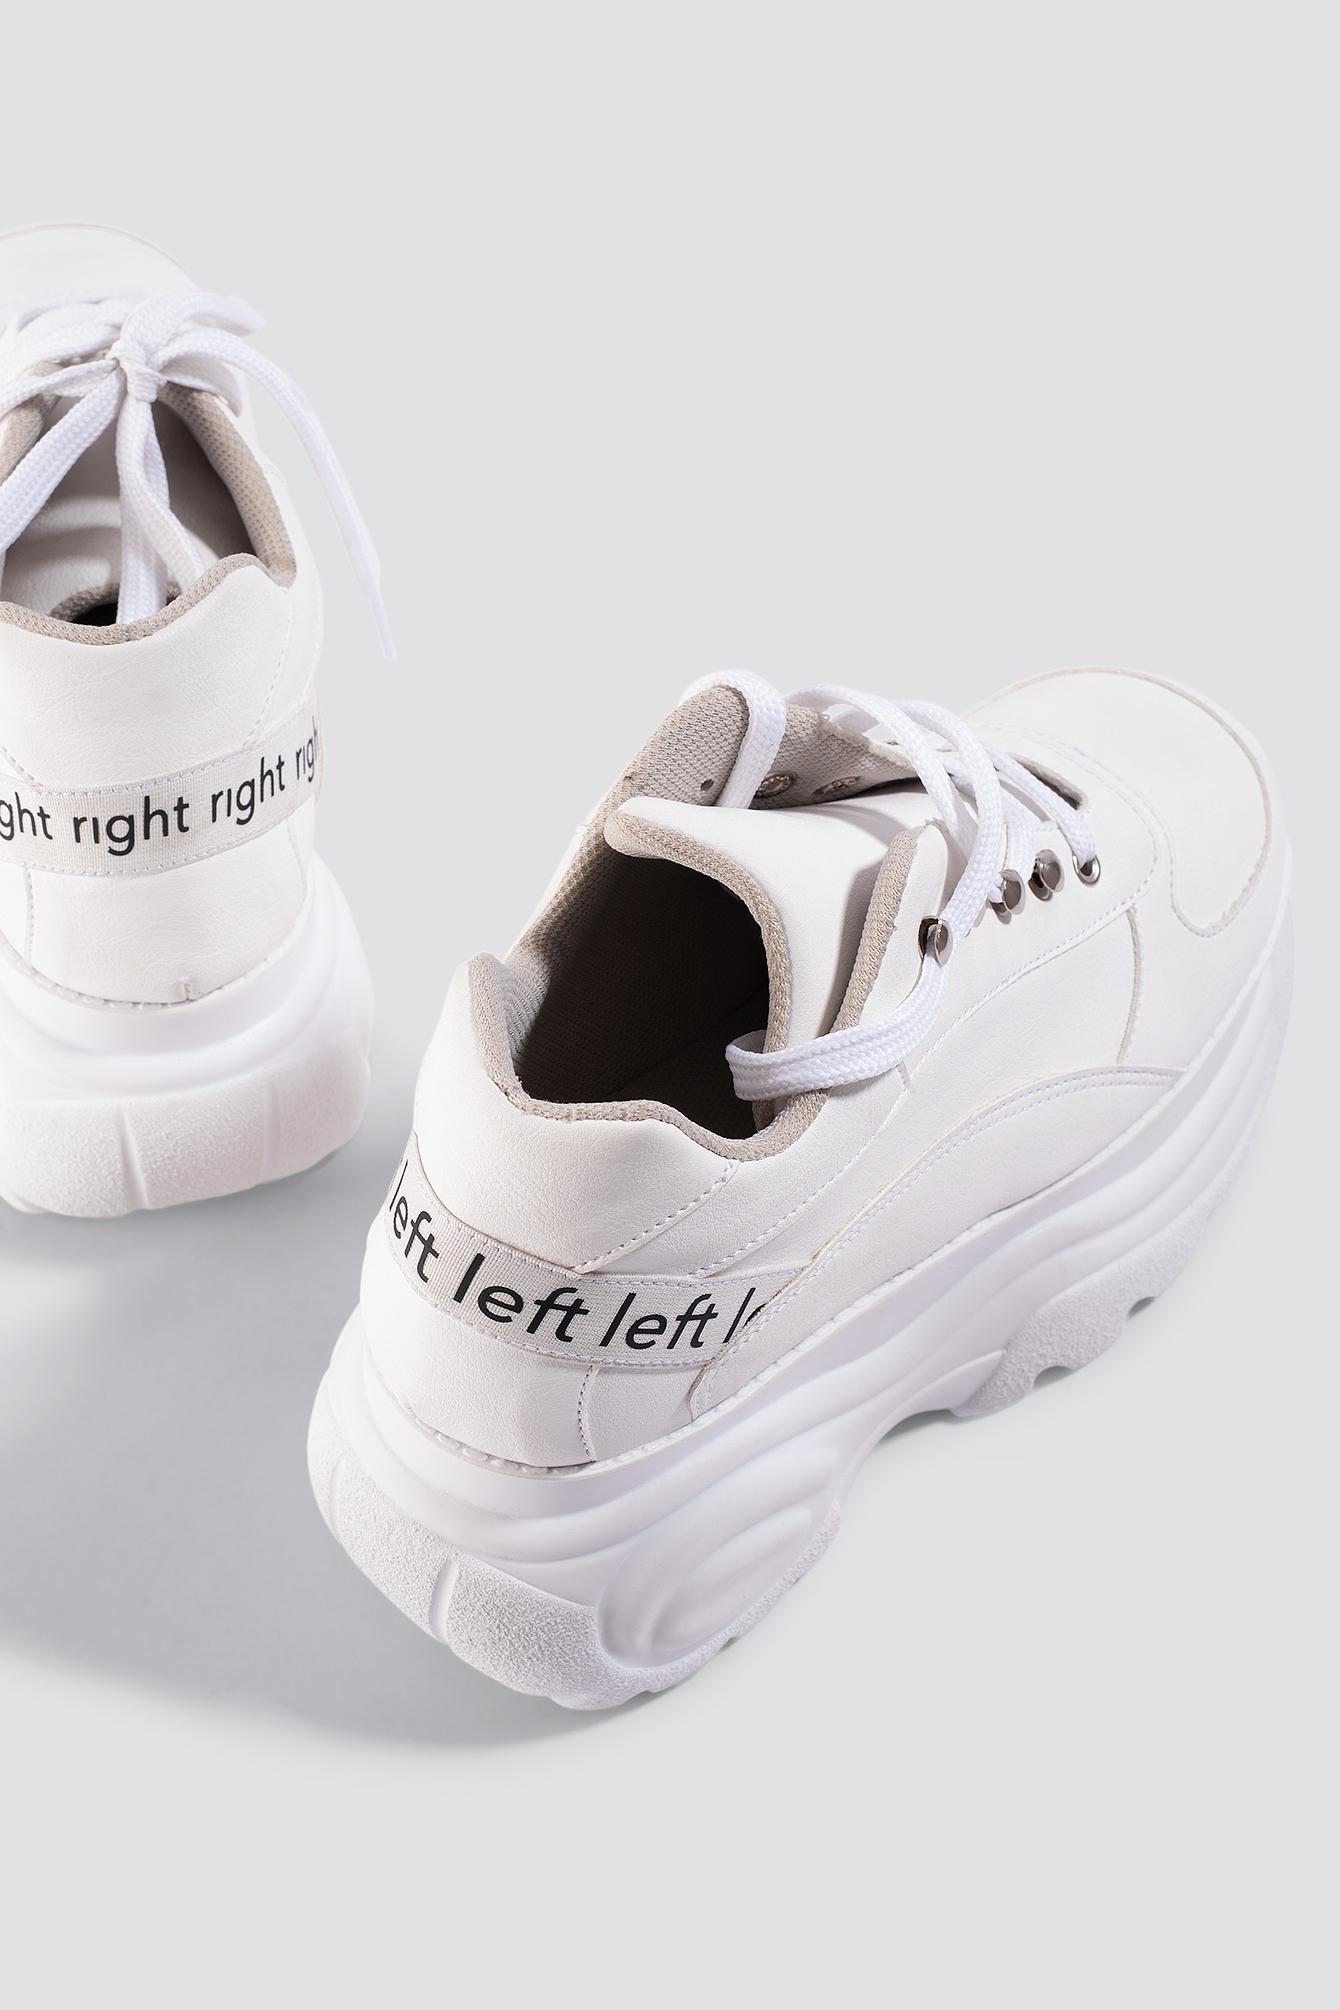 ASTRIDOLSENXNAKD Platform Sneaker - White